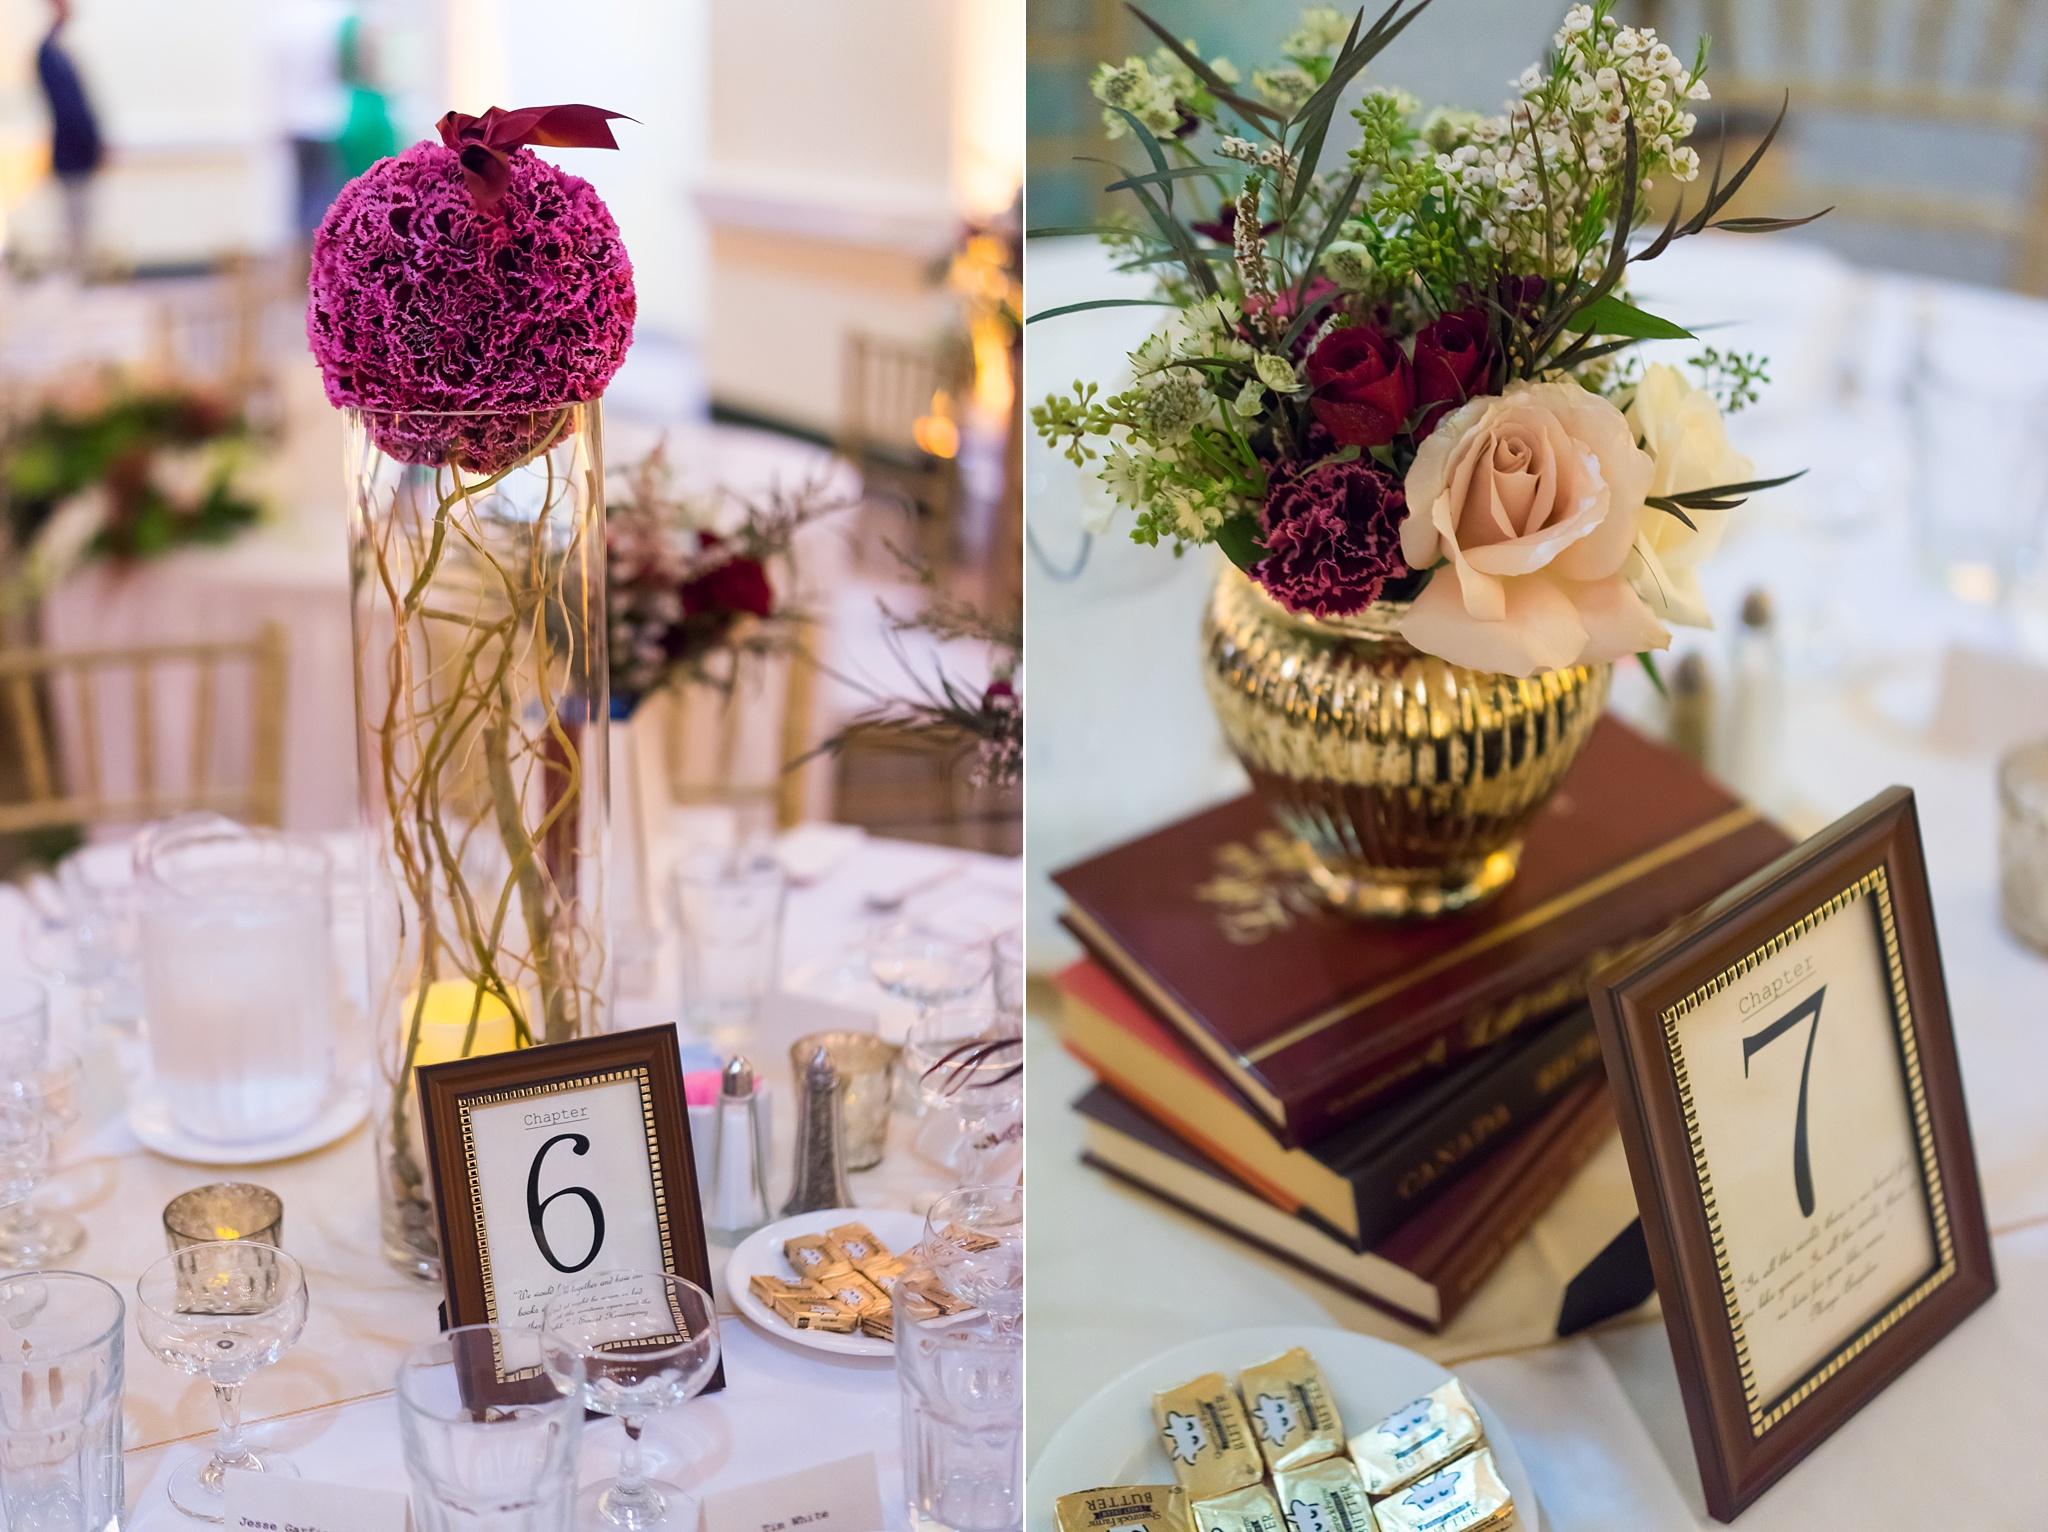 TommyandAmanda_WEDDING_BrienneMichelle_Details_70_BLOG.jpg